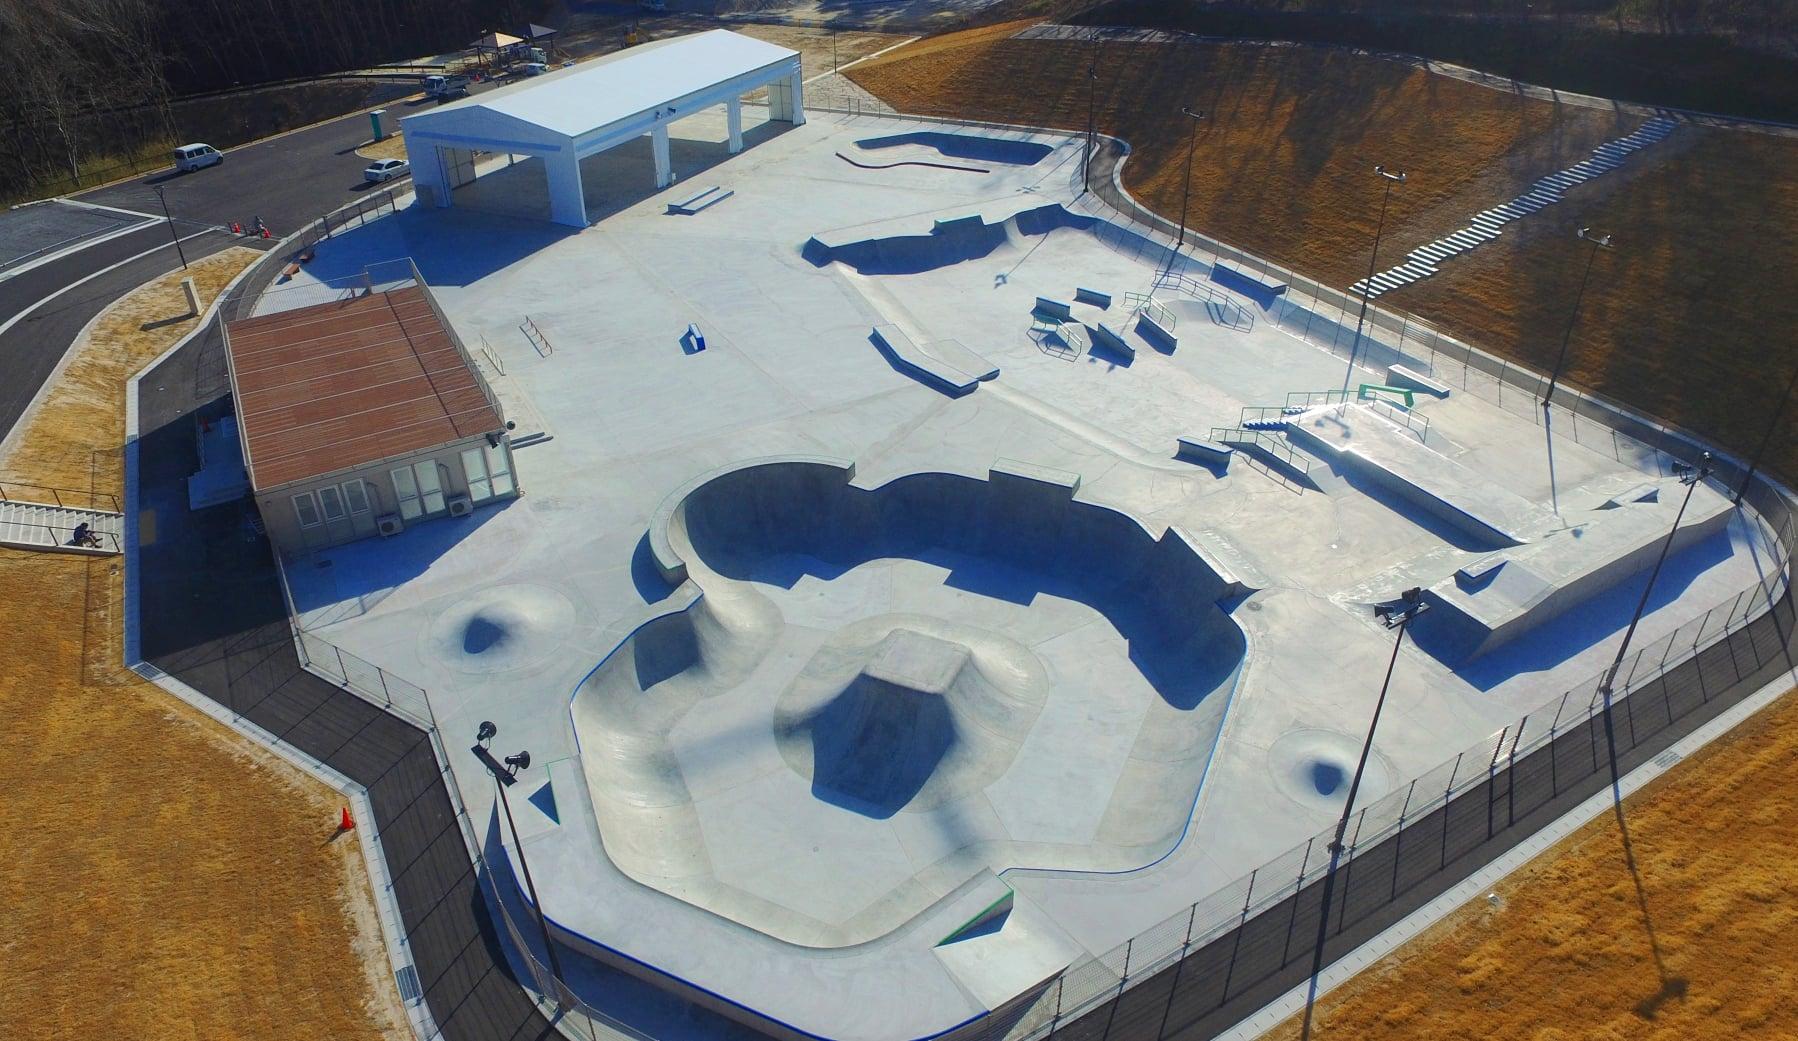 国内最大級のスケートボード施設「ムラサキパークかさま」とは?